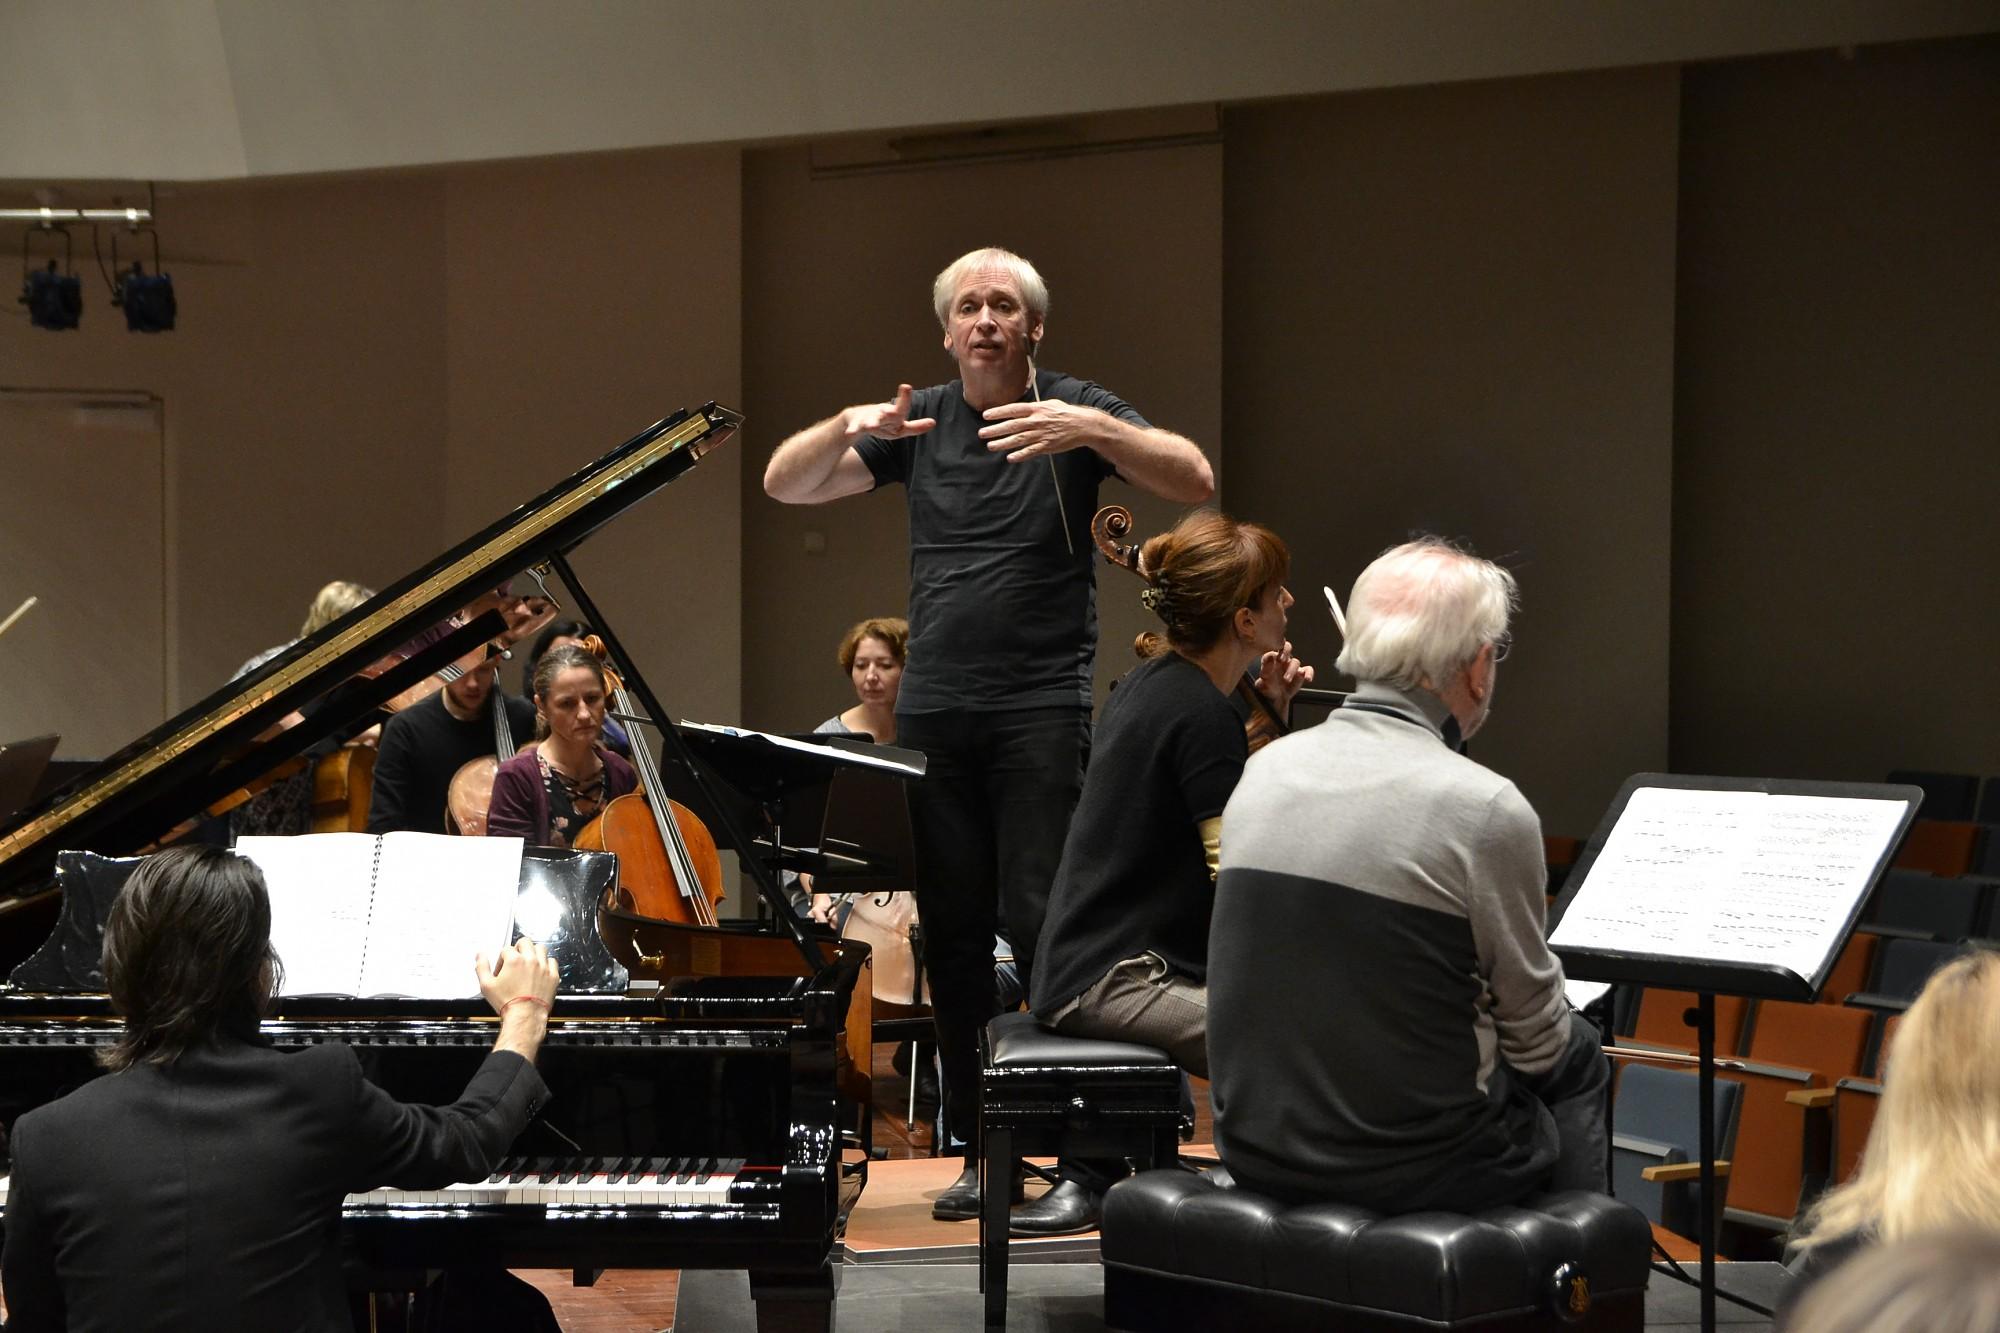 Mūzikā meklēs brīvības ceļus. LSO koncertā ar Gidonu Krēmeru ieskandinās 28. Zvaigžņu festivālu